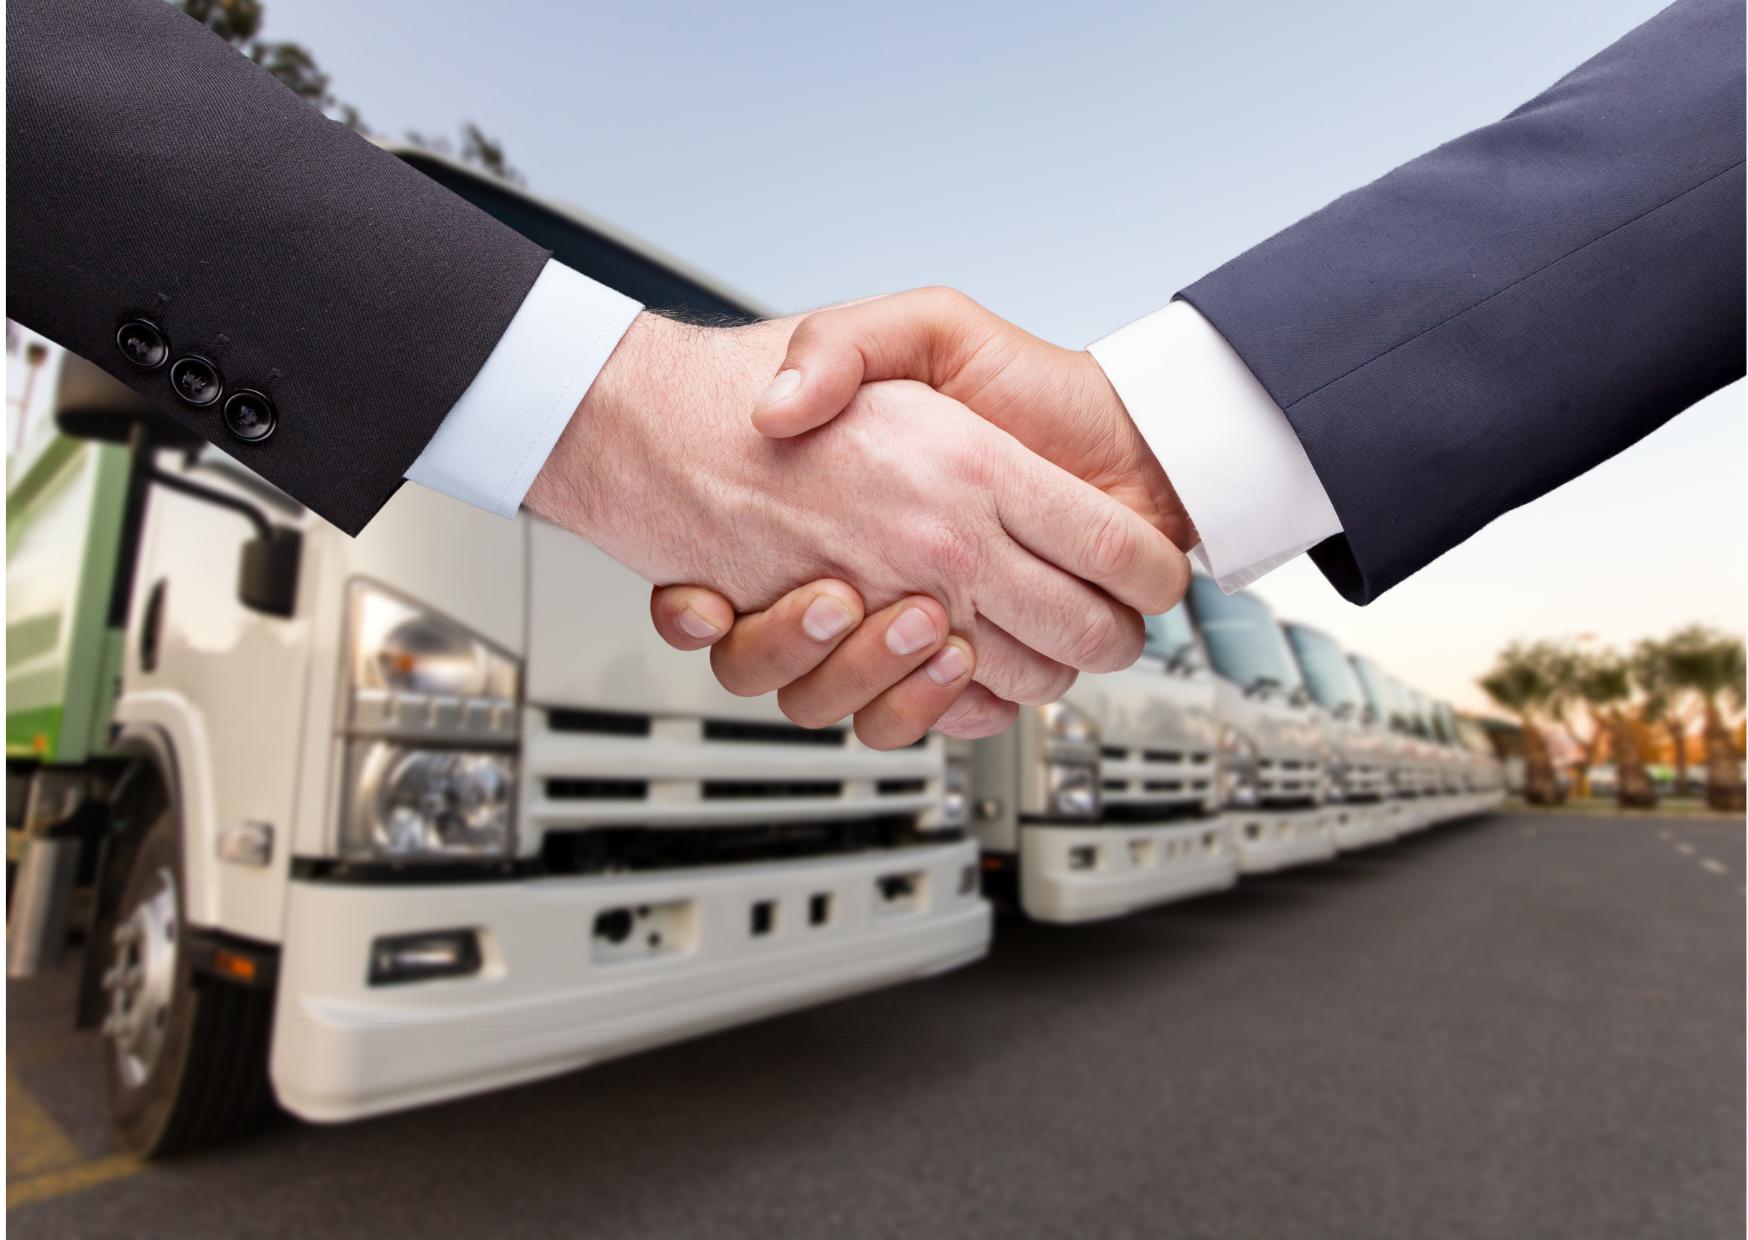 Focus sui contratti collettivi Autotrasporto e Lavoro domestico - UP BERGAMO - 28/09/2021